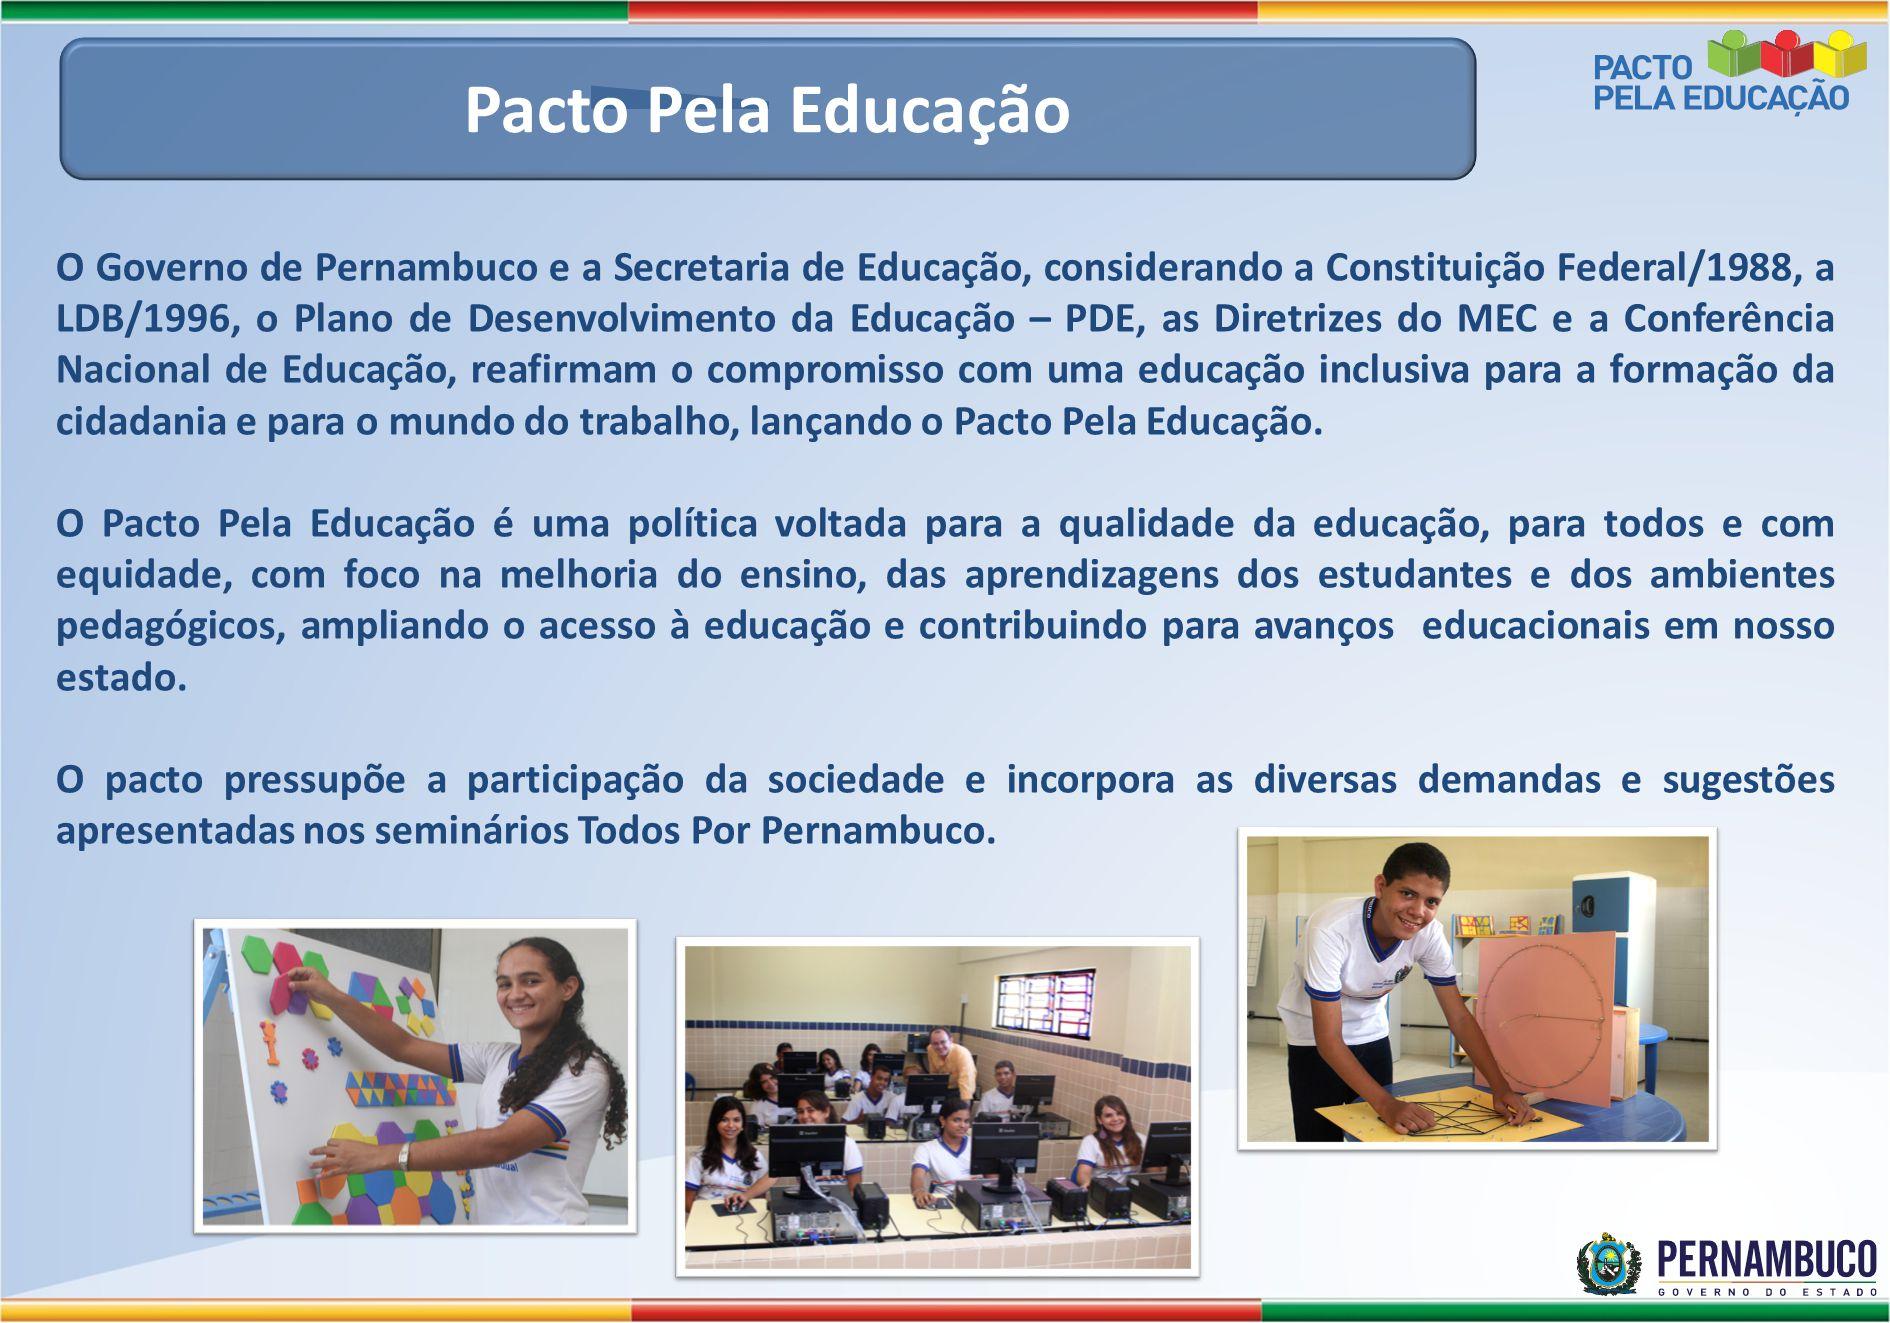 O Governo de Pernambuco e a Secretaria de Educação, considerando a Constituição Federal/1988, a LDB/1996, o Plano de Desenvolvimento da Educação – PDE